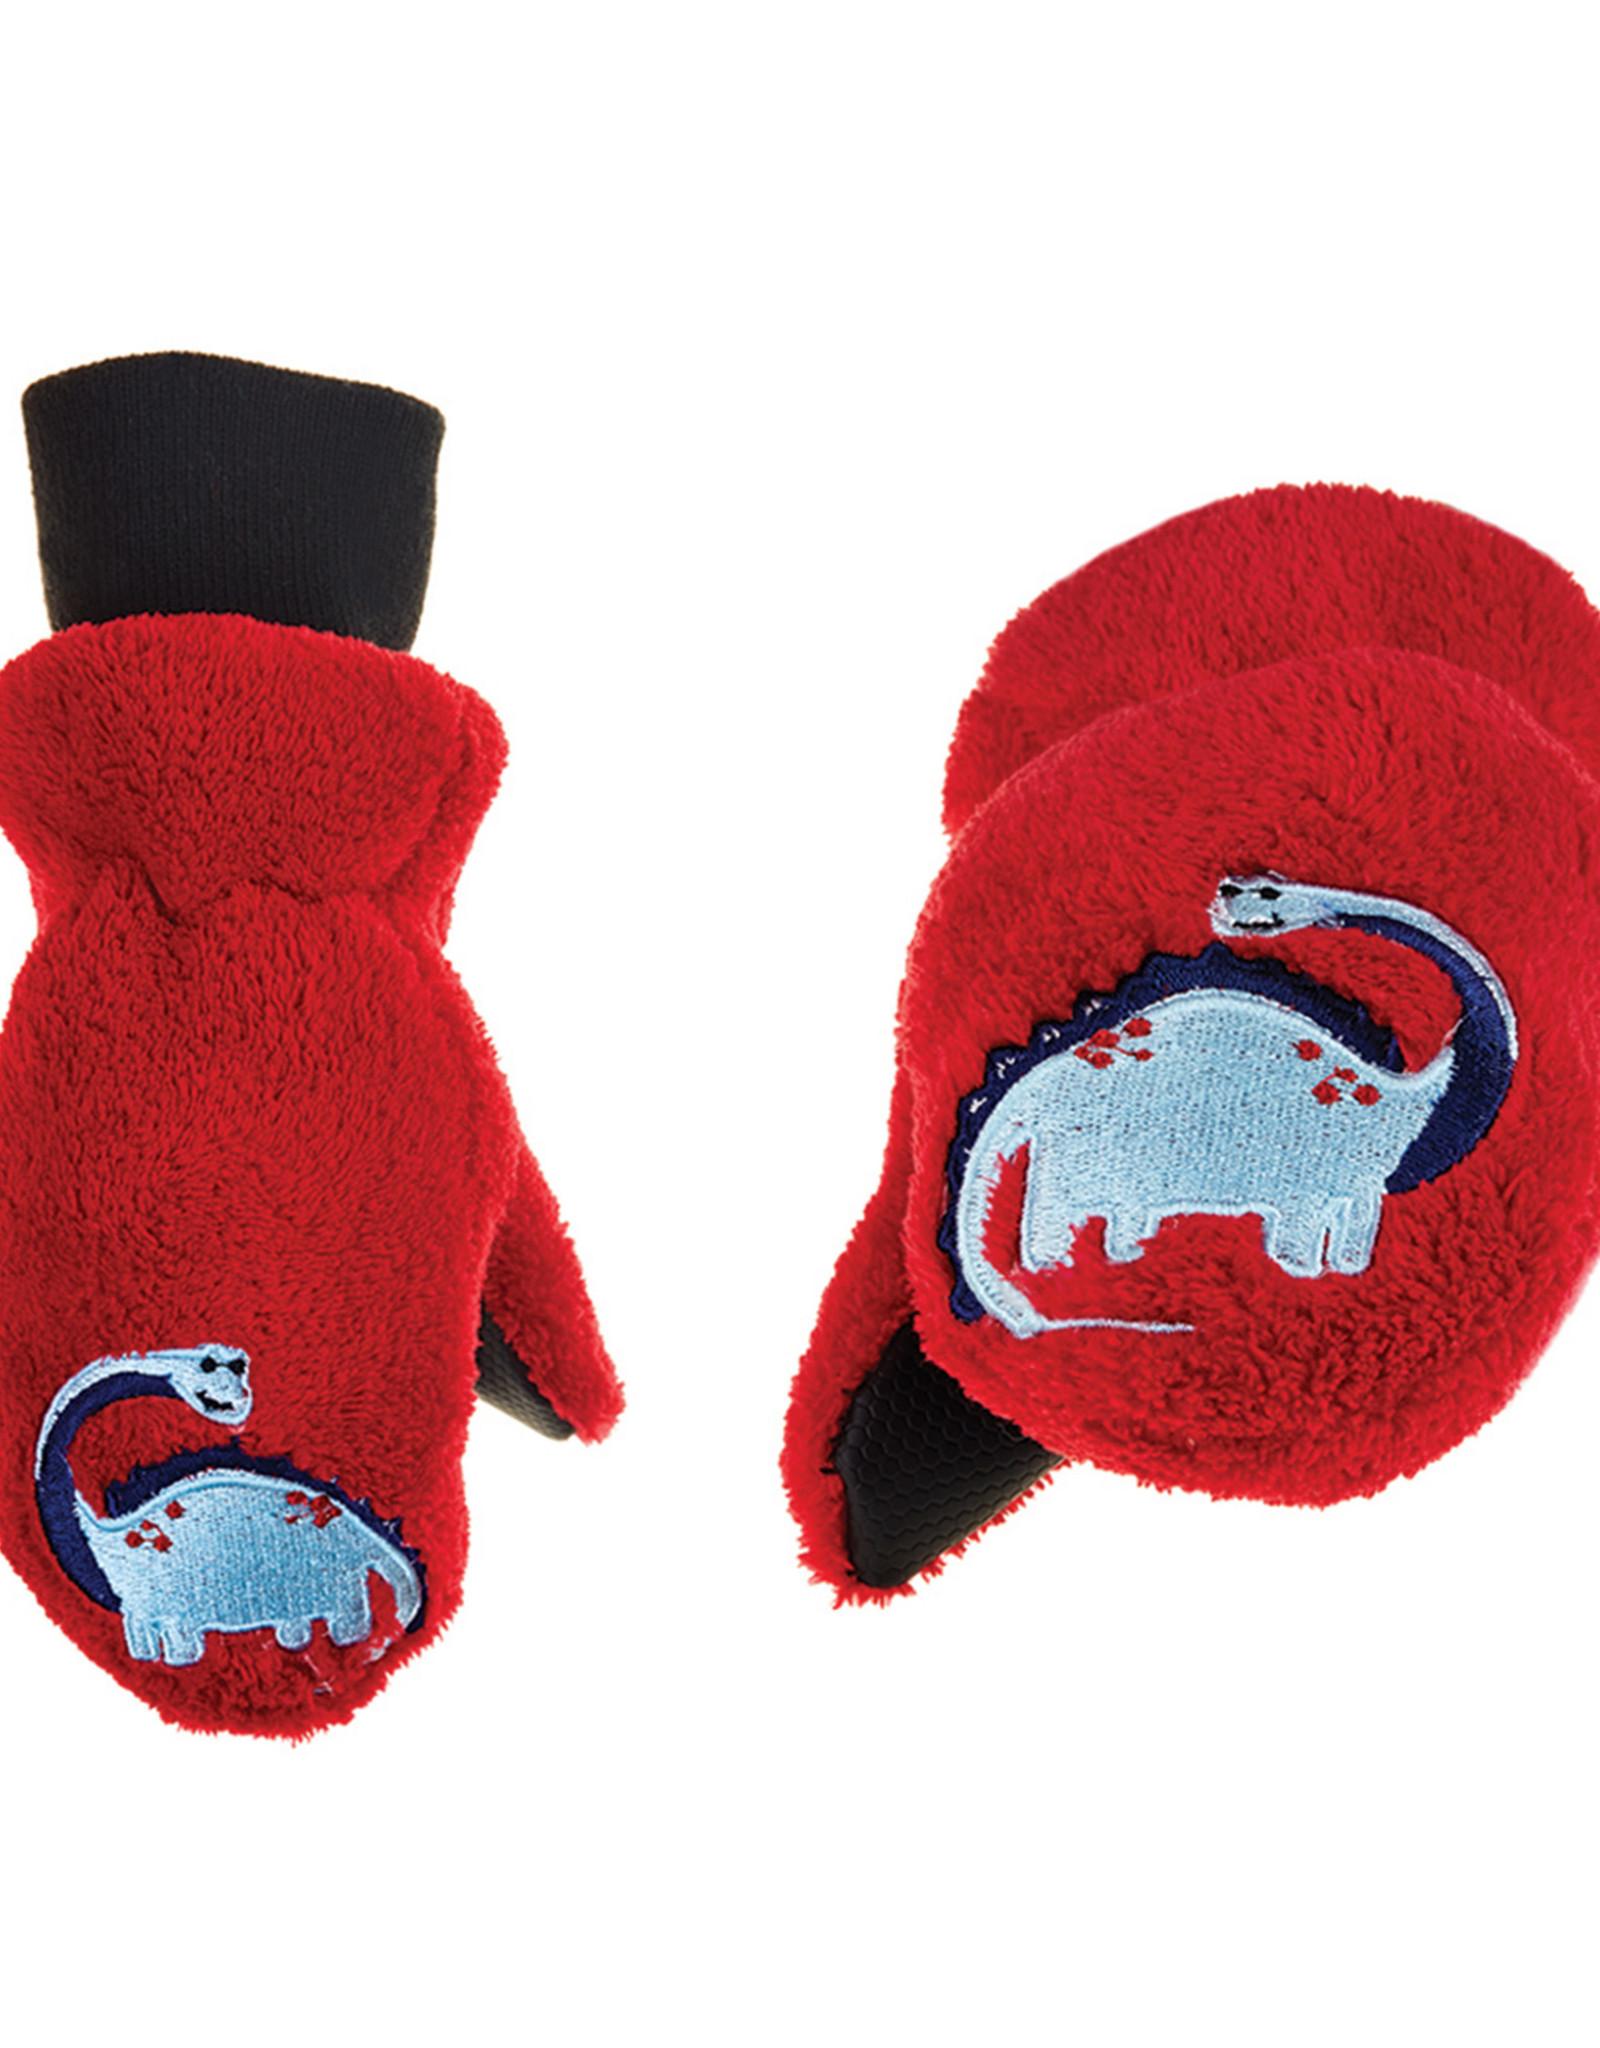 FlapJackKids FlapJackKids Fleece Mitts - Red Dinosaur